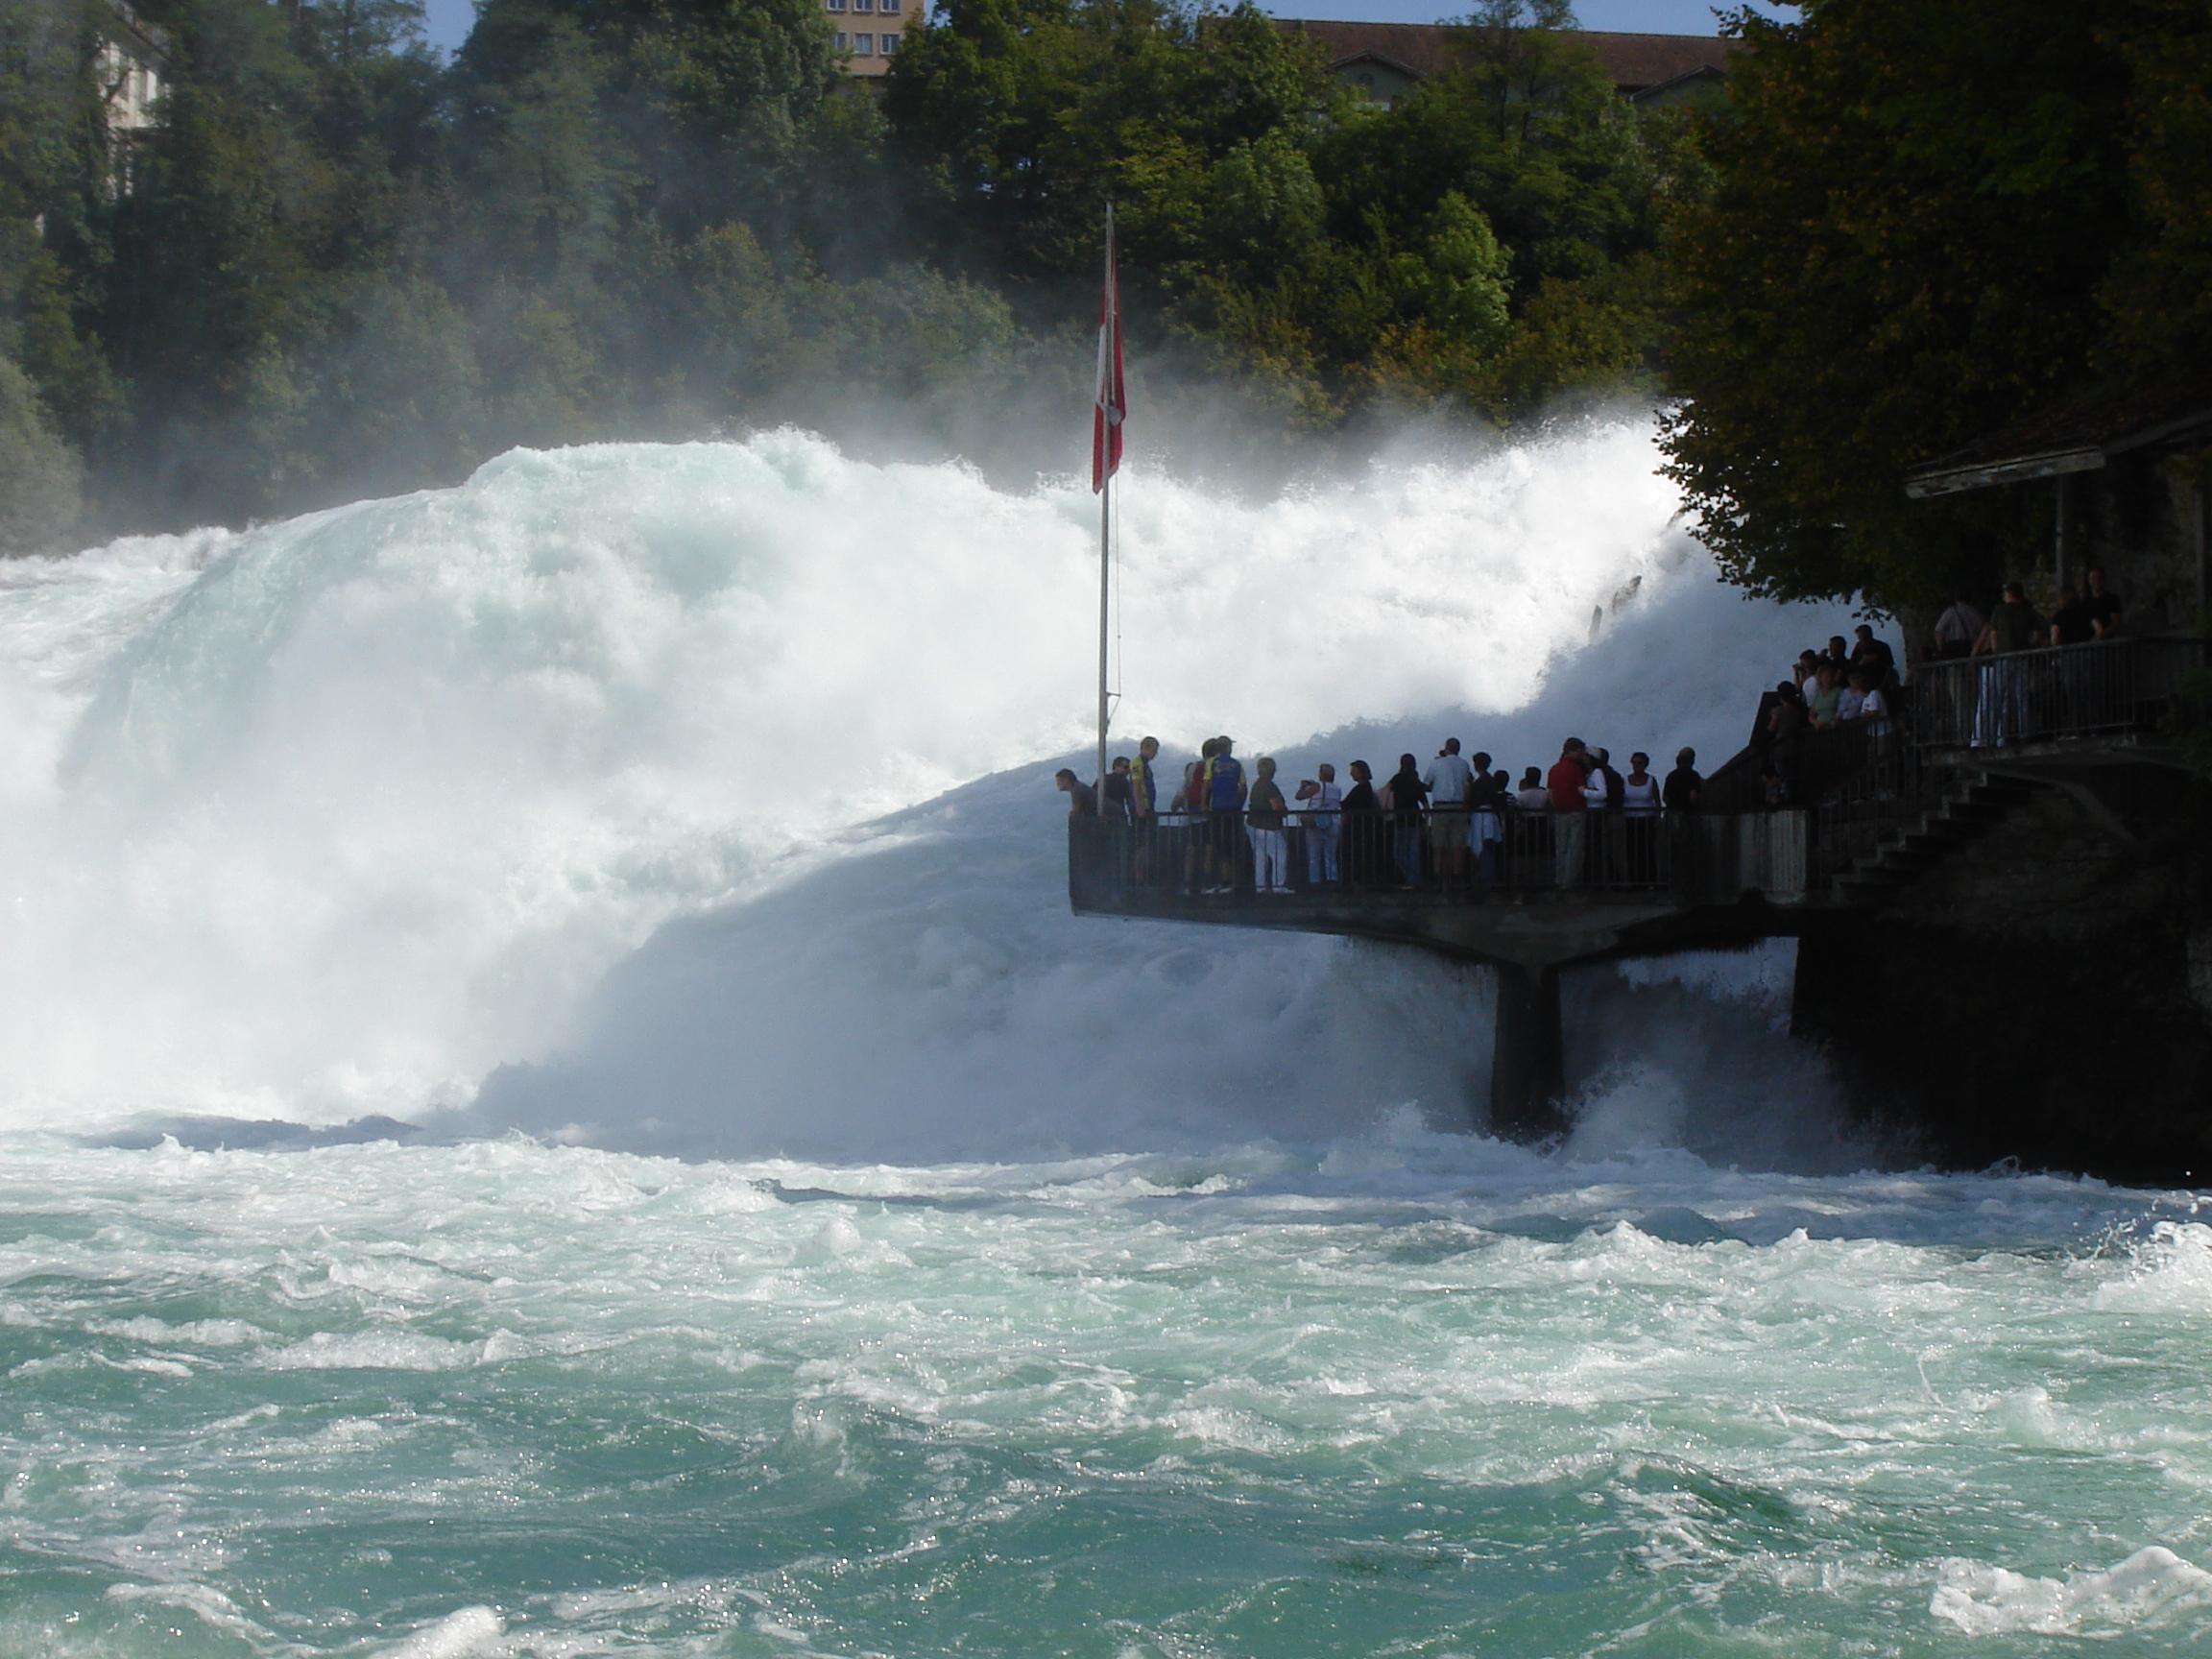 Rheinfall, größter Wasserfall Europas